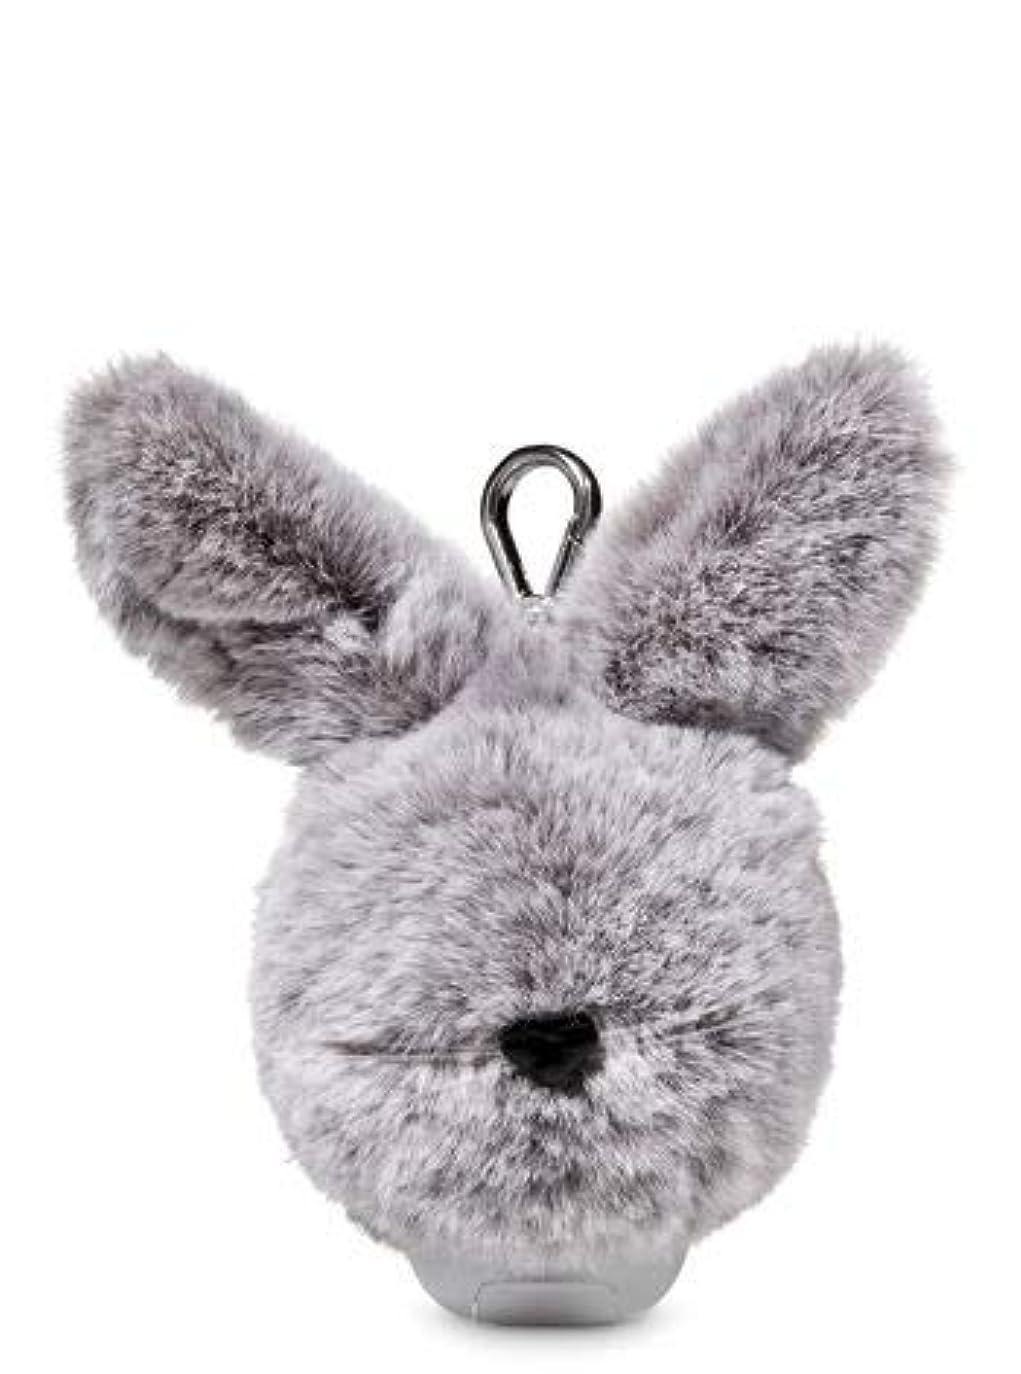 象食料品店時間とともに【Bath&Body Works/バス&ボディワークス】 抗菌ハンドジェルホルダー イースターバニーポム Pocketbac Holder Easter Bunny Pom [並行輸入品]